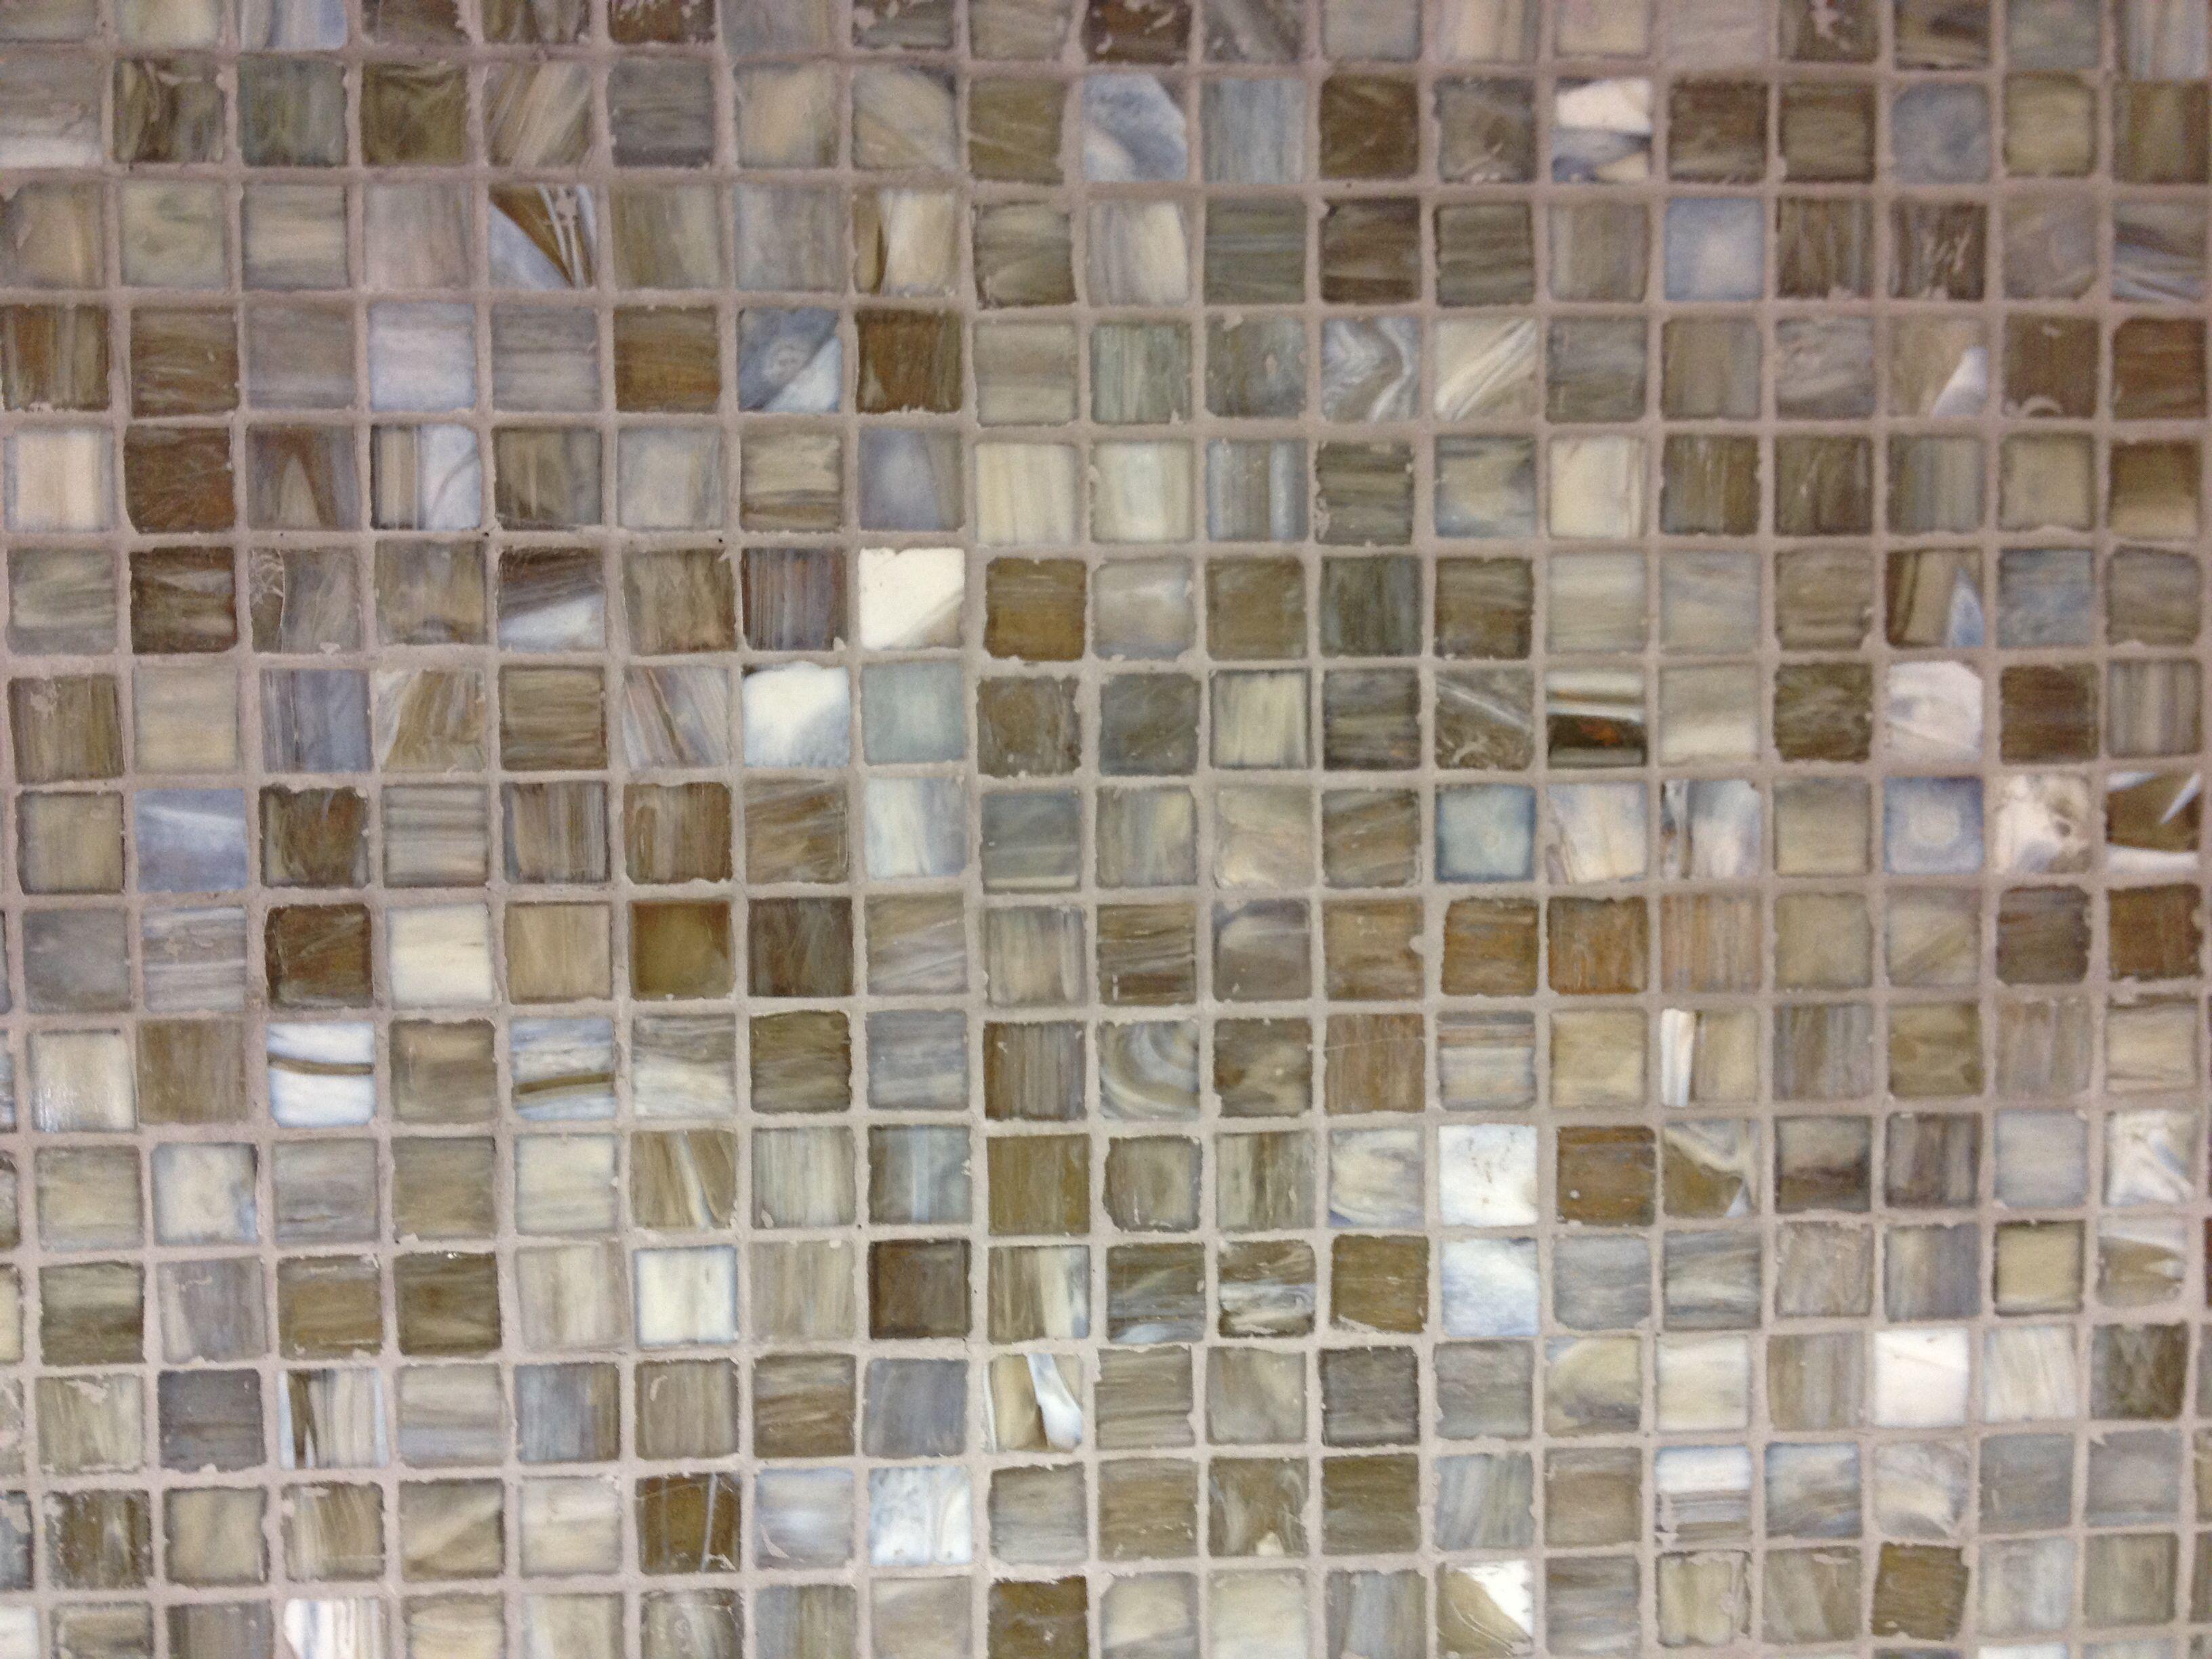 tile backsplash home depot backsplashes tile pinterest. Black Bedroom Furniture Sets. Home Design Ideas